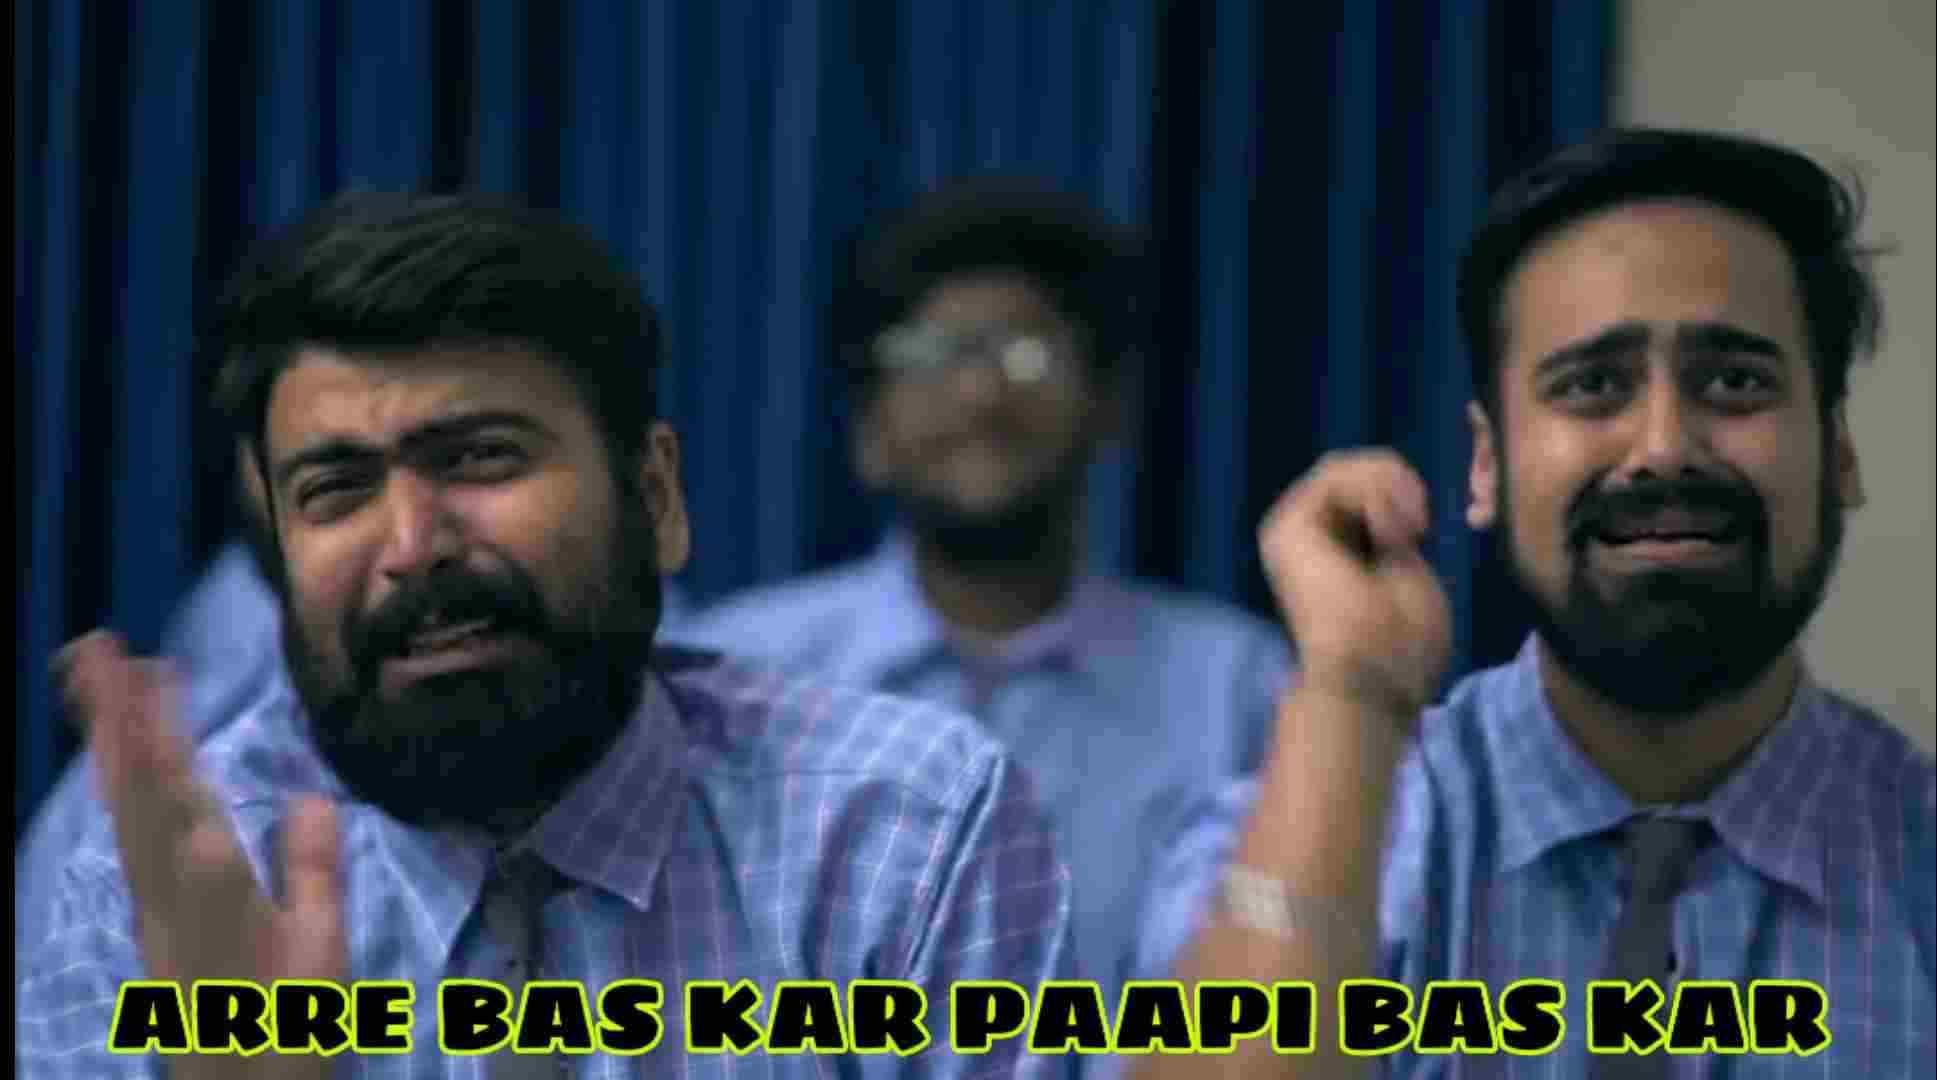 are bas kar paapi bas kar aashish chanchlani meme template